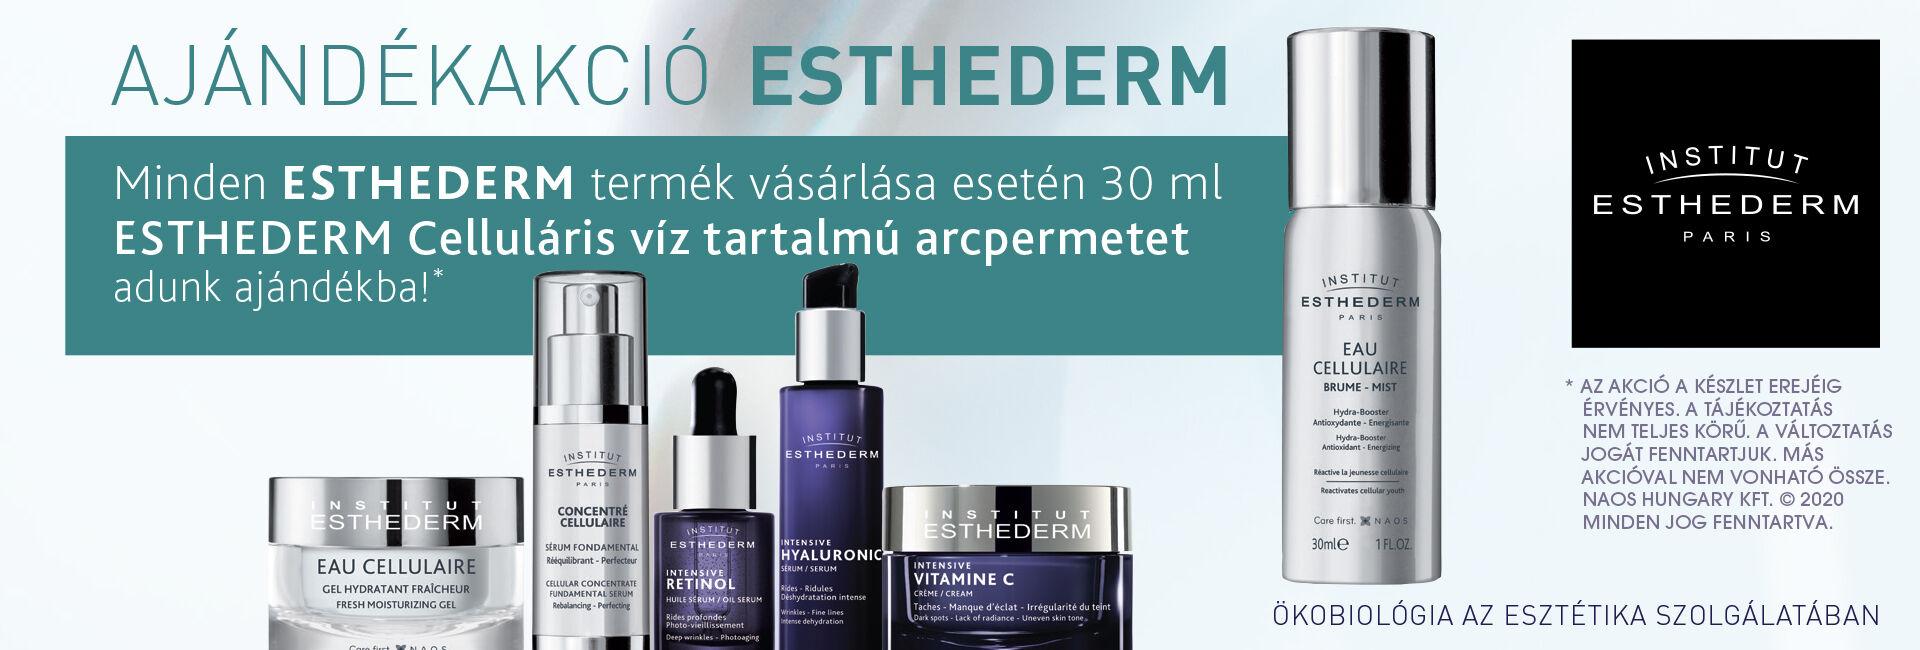 1+1 Exkuzív Ajánlat: 2020. december 10-31. között minden megrendelt Institut Esthederm termék mellé 30ml-es Institut Esthederm Celluláris víz tartalmú antioxidánsokat tartalmazó arcpermetet adunk ajándékba 3.500 Ft értékben!